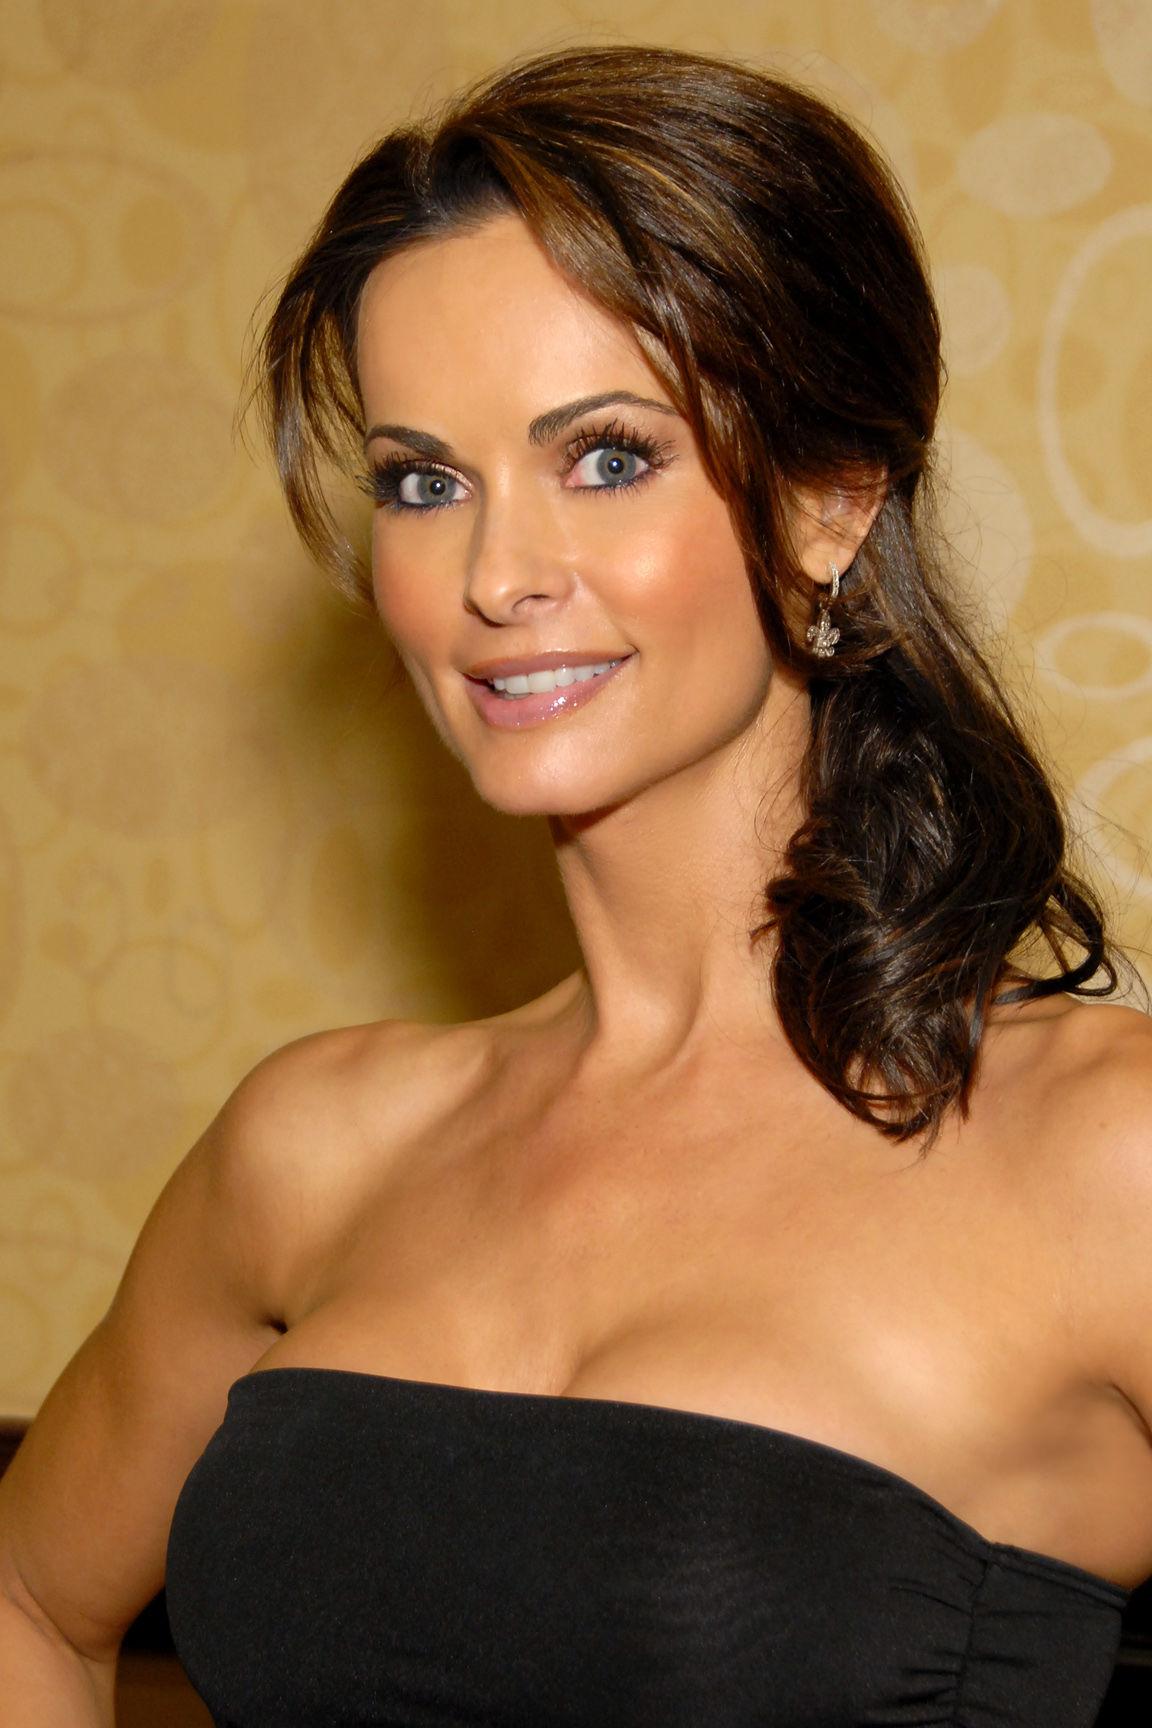 Photo of Karen McDougal: Playboy Playmate, model, actress